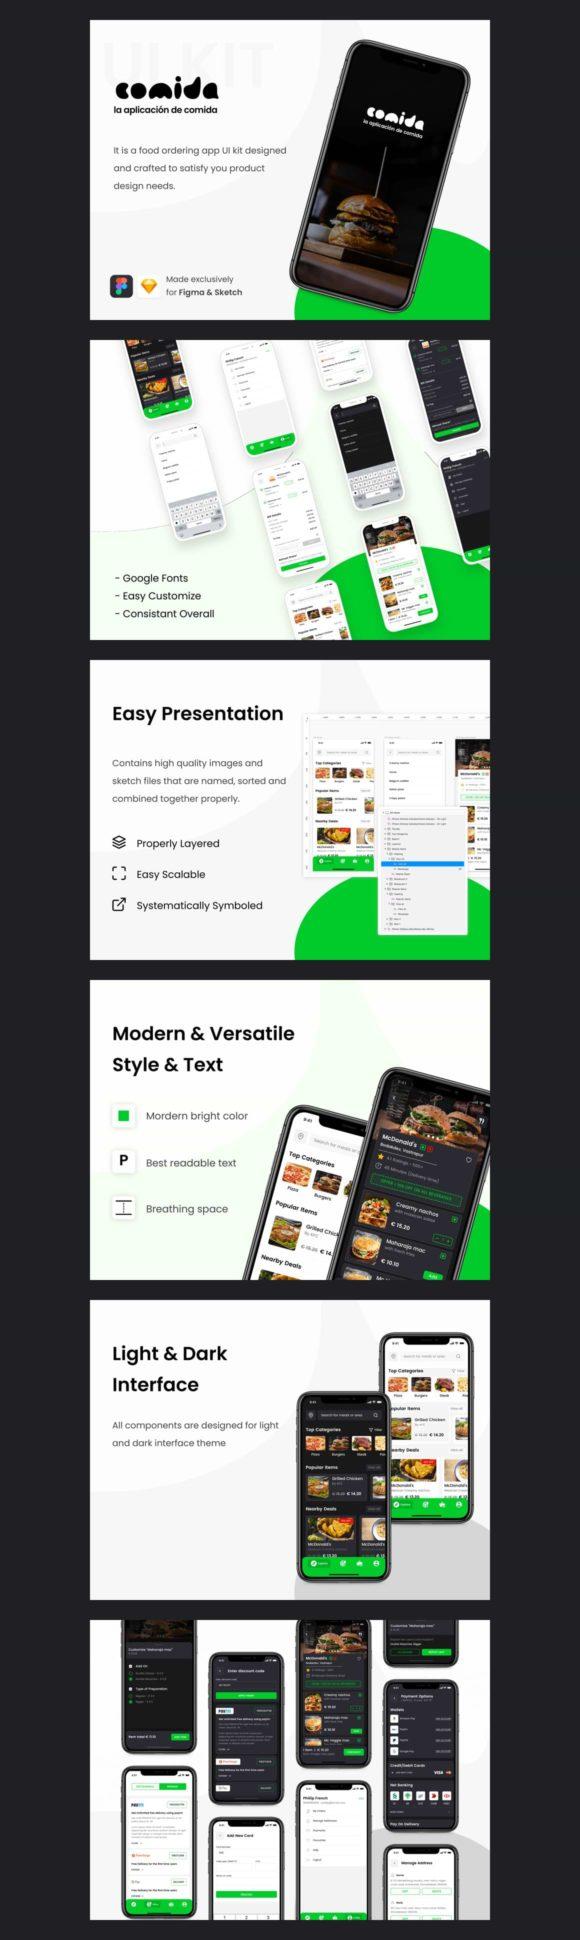 Comida: Kit d'interface utilisateur gratuit pour les applications de livraison de nourriture